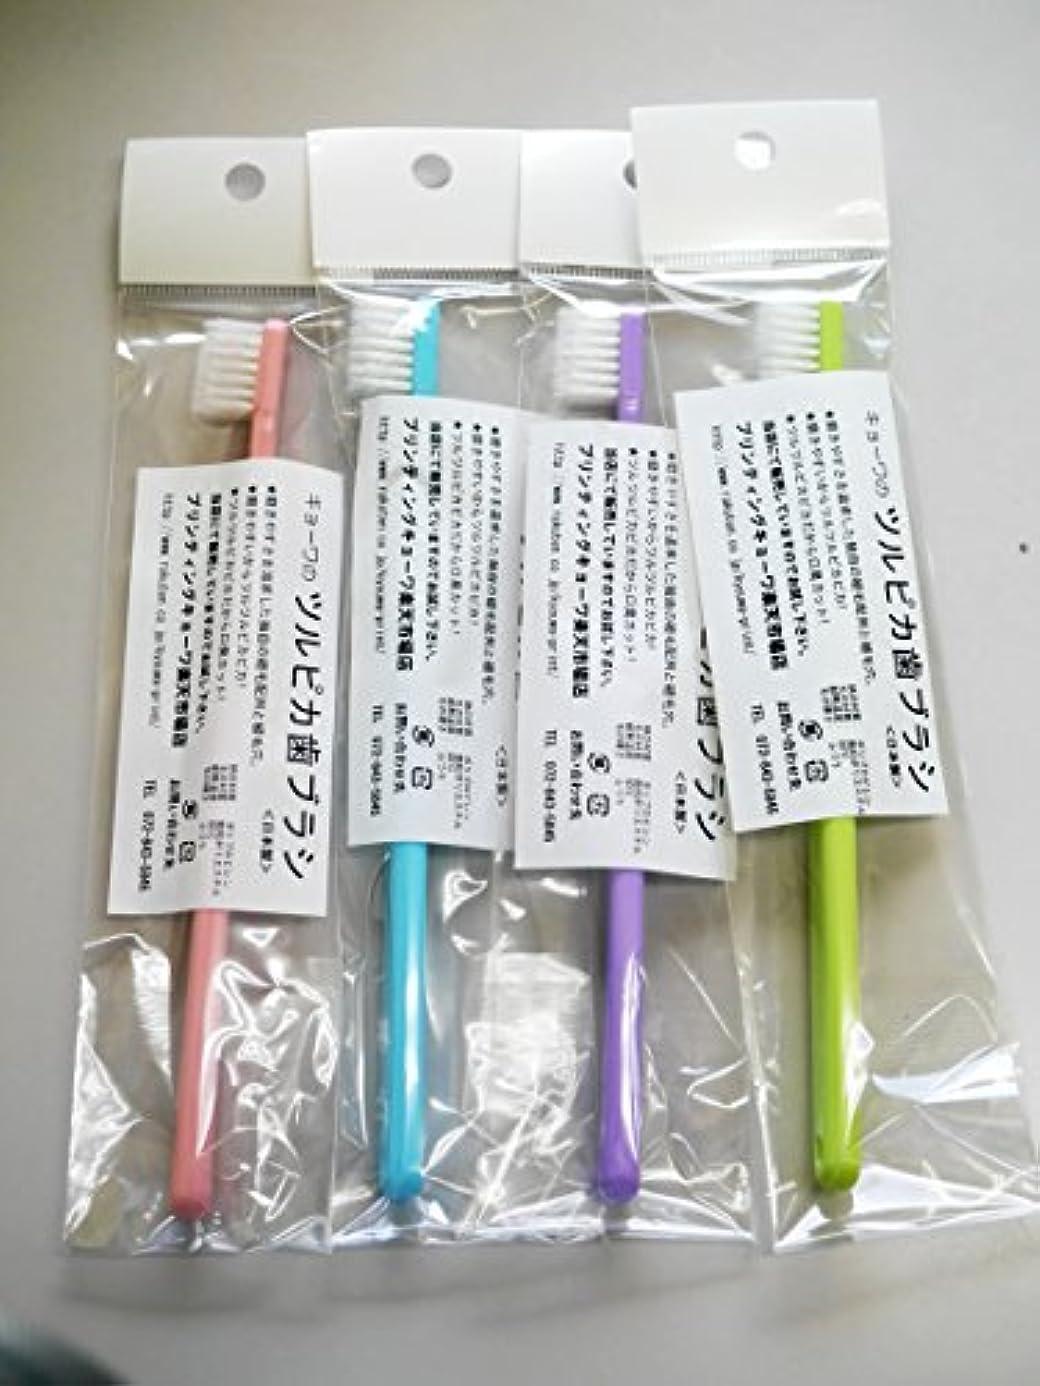 【株式会社キョーワ】 日本製 キョーワのツルピカ歯ブラシ4本セット (4色×1本)